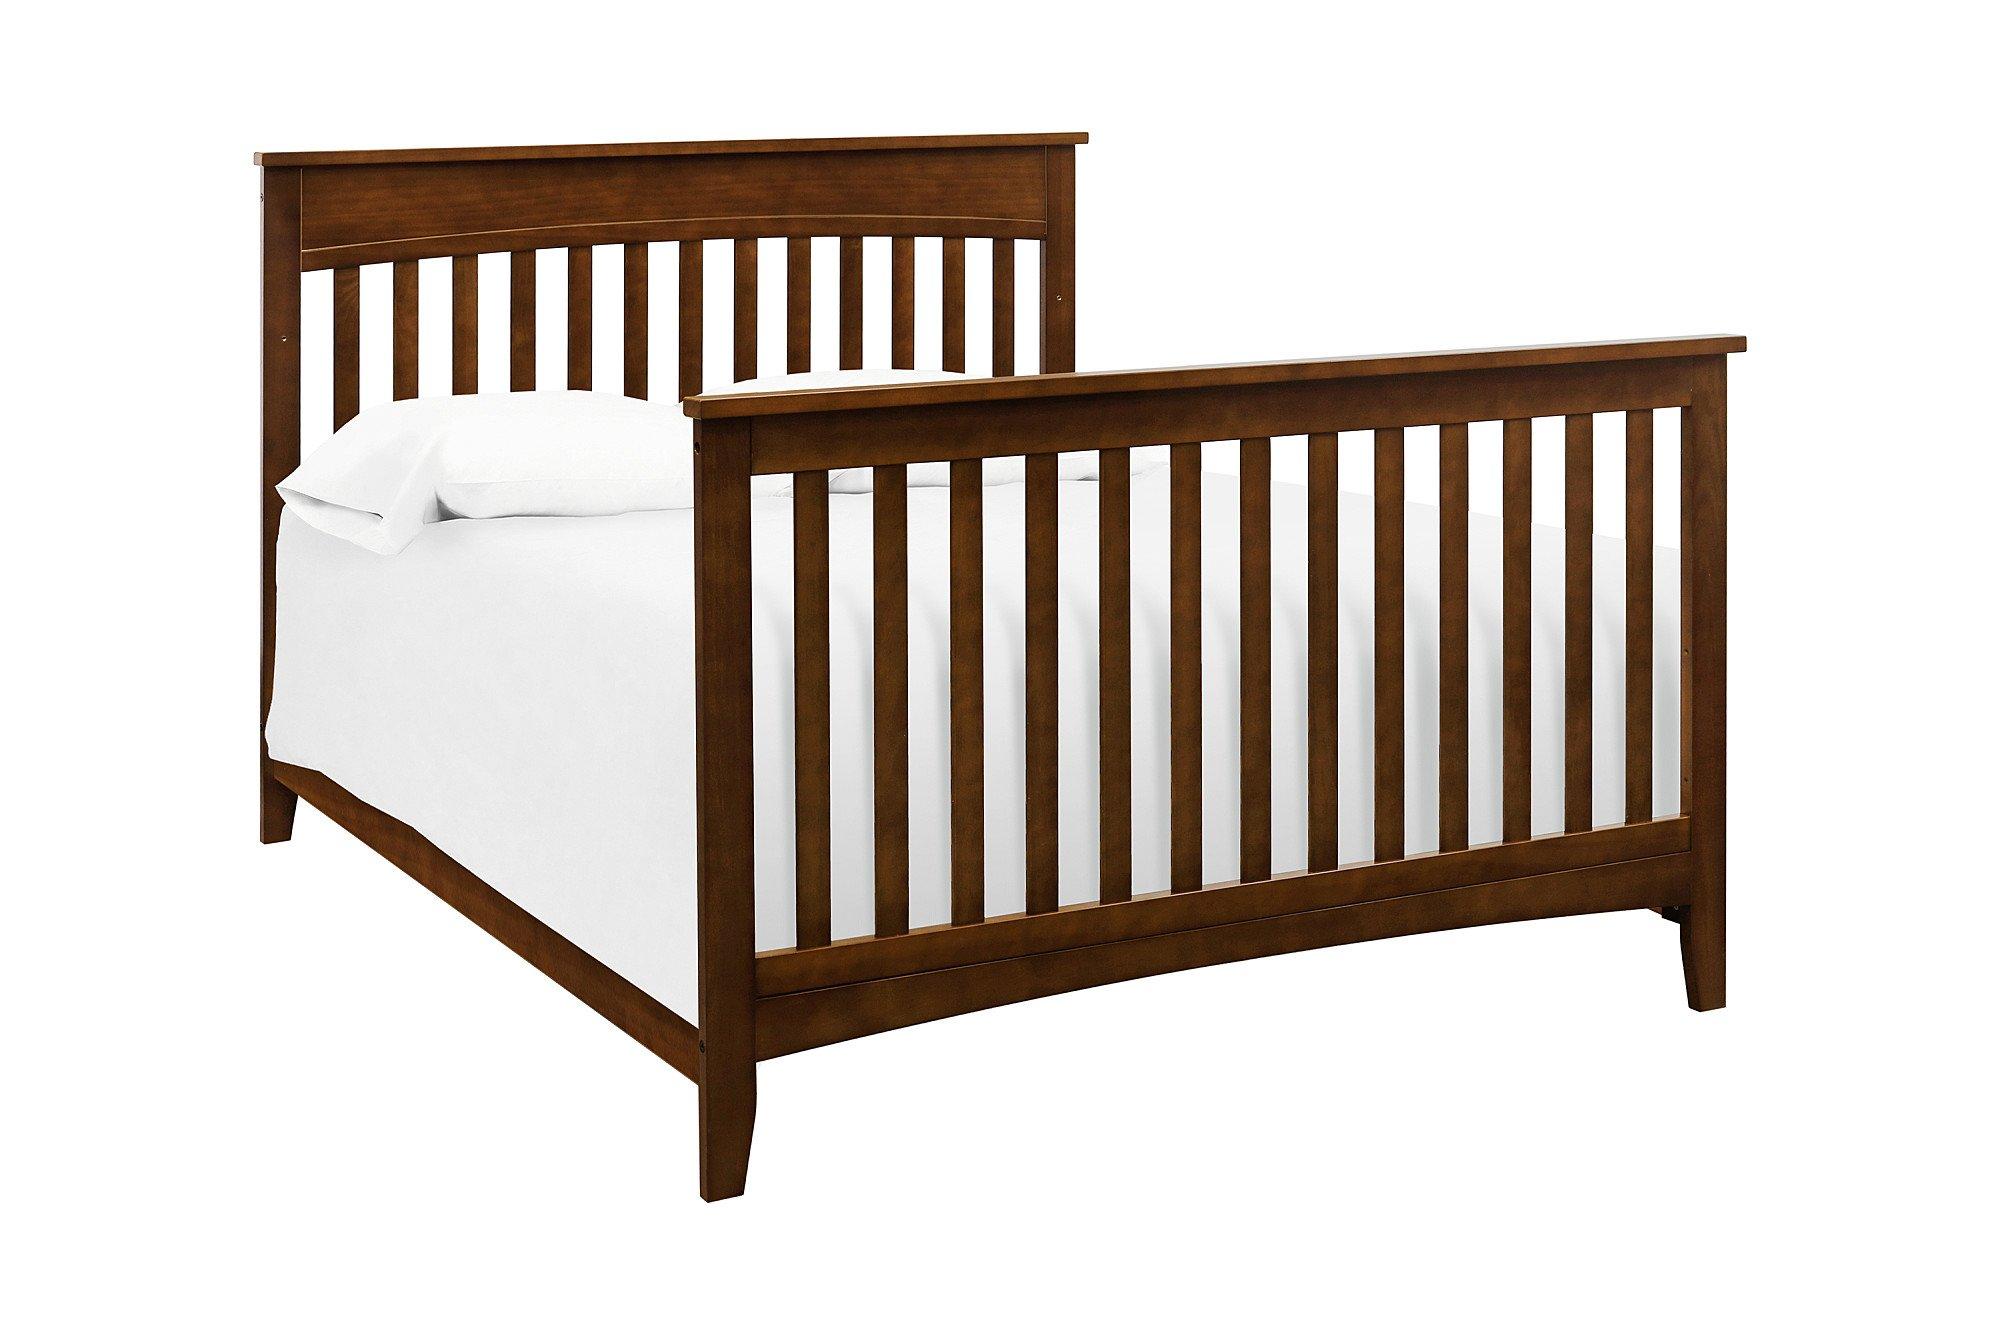 Full Size Conversion Kit Bed Rails for Davinci Grove 4-in-1 Crib - Espresso